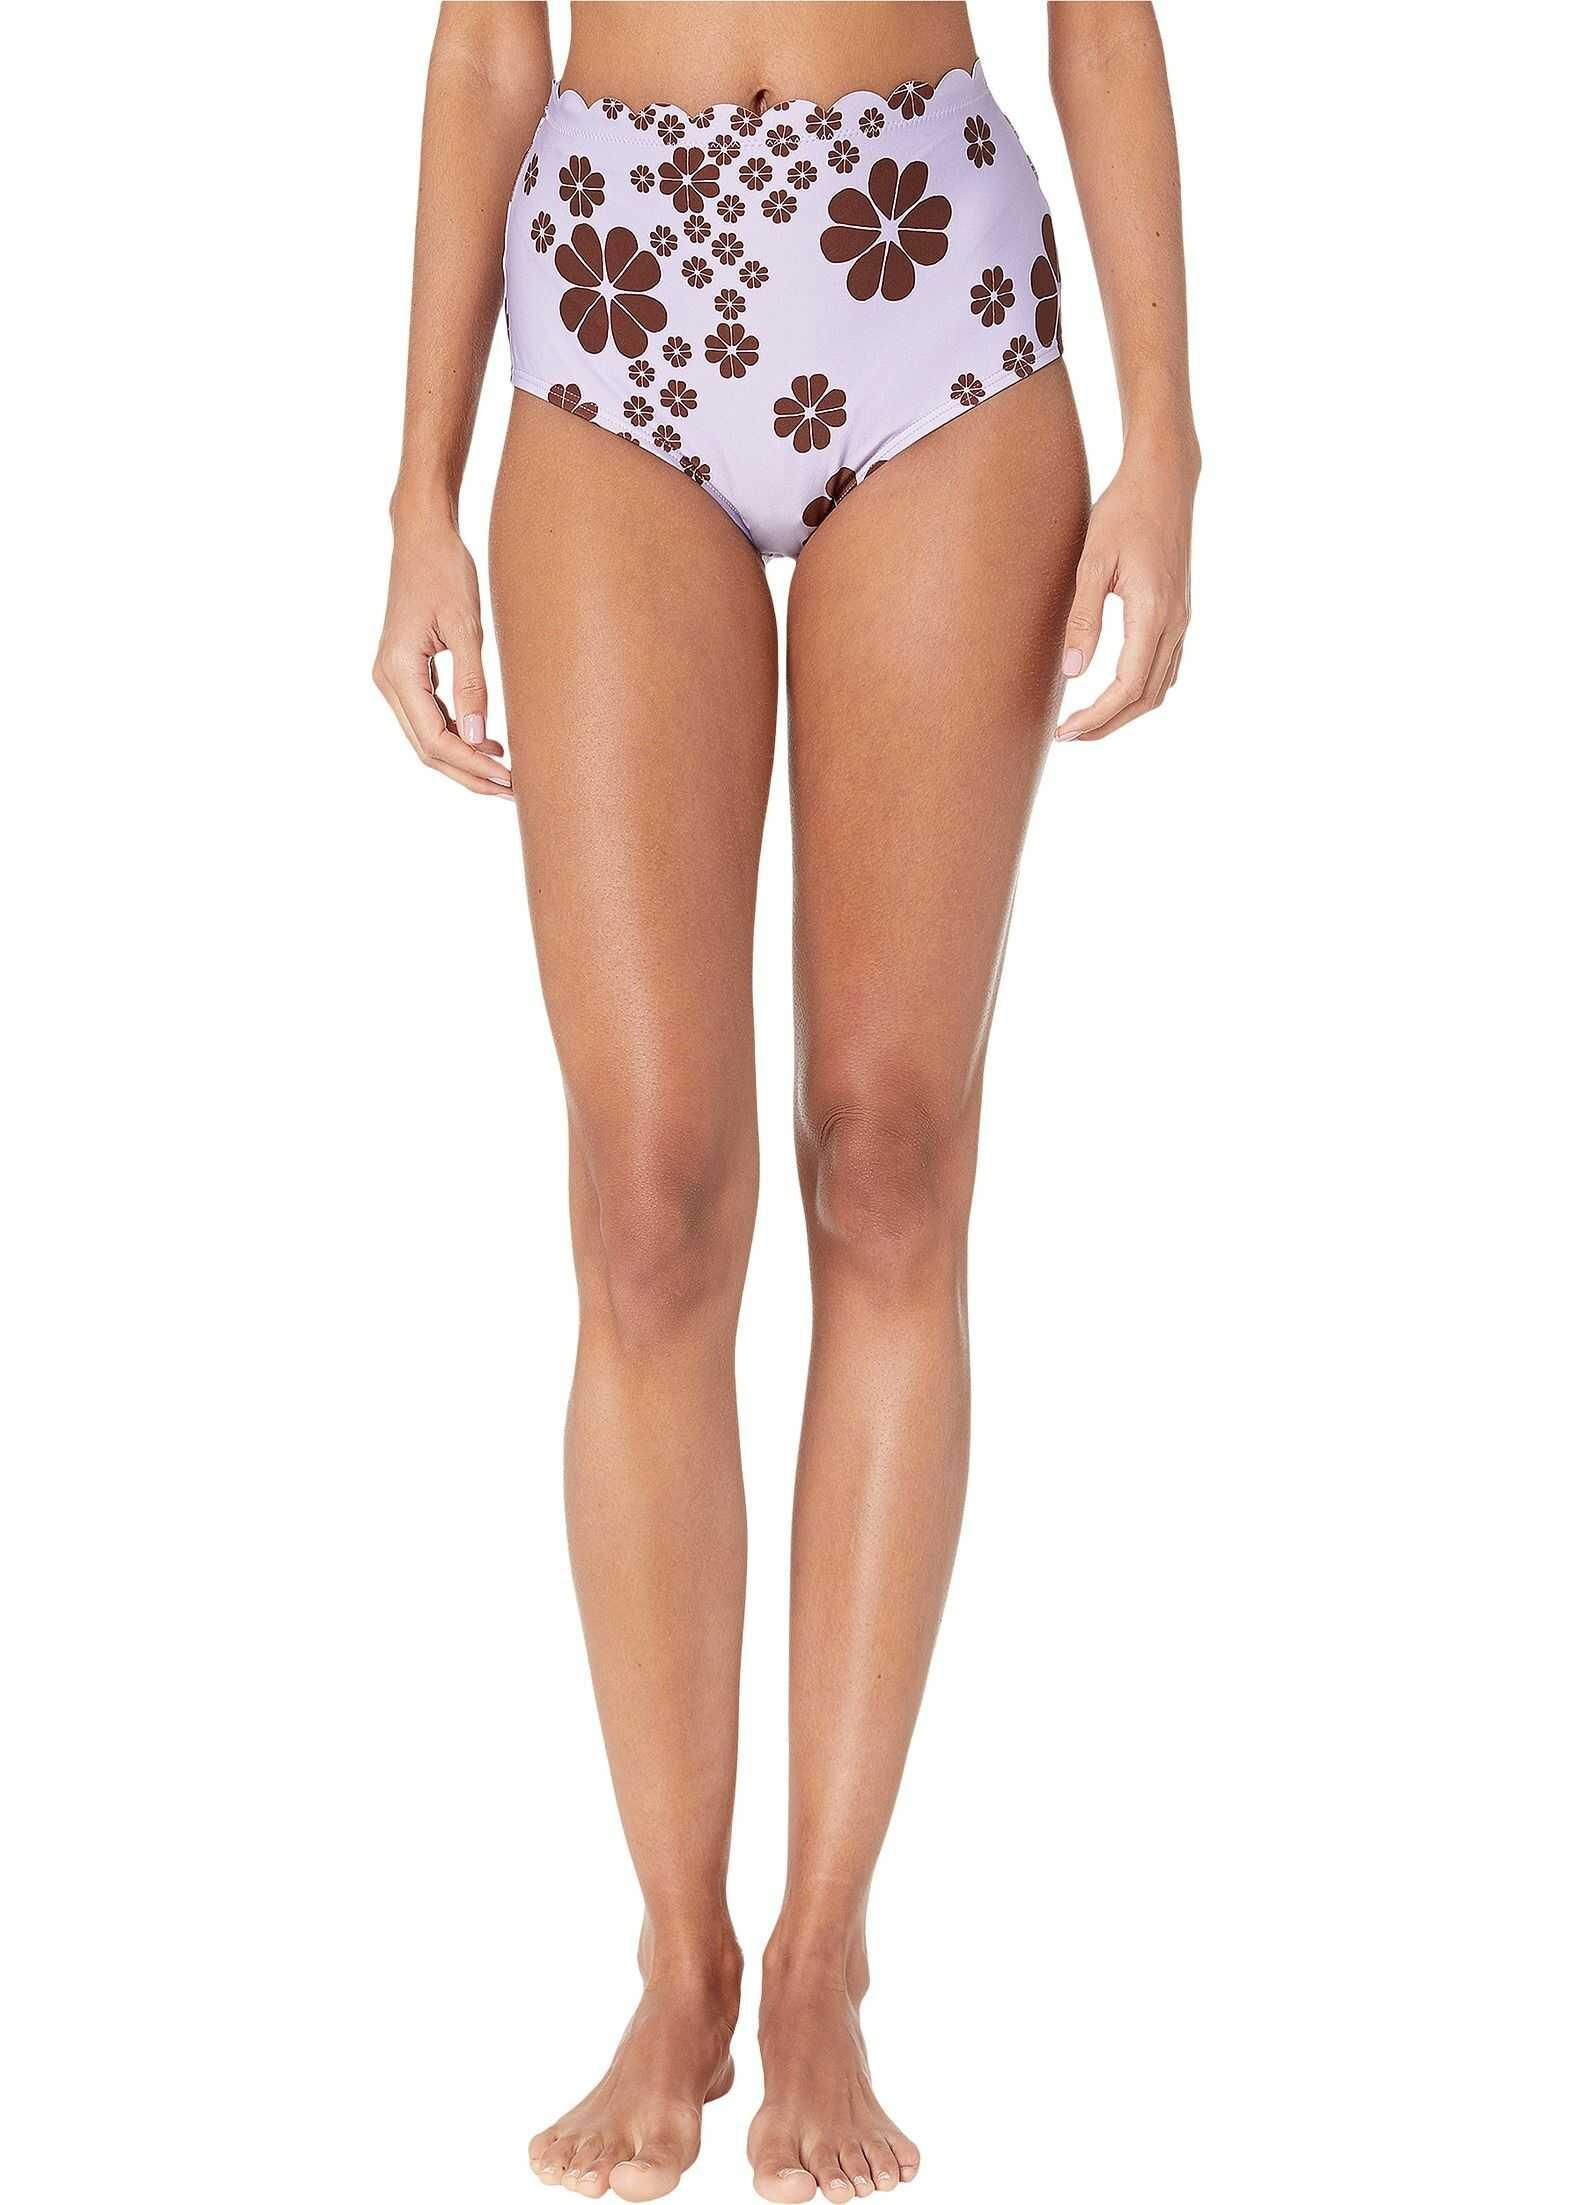 Kate Spade New York Scalloped High-Waisted Bikini Bottoms Frozen Lilac